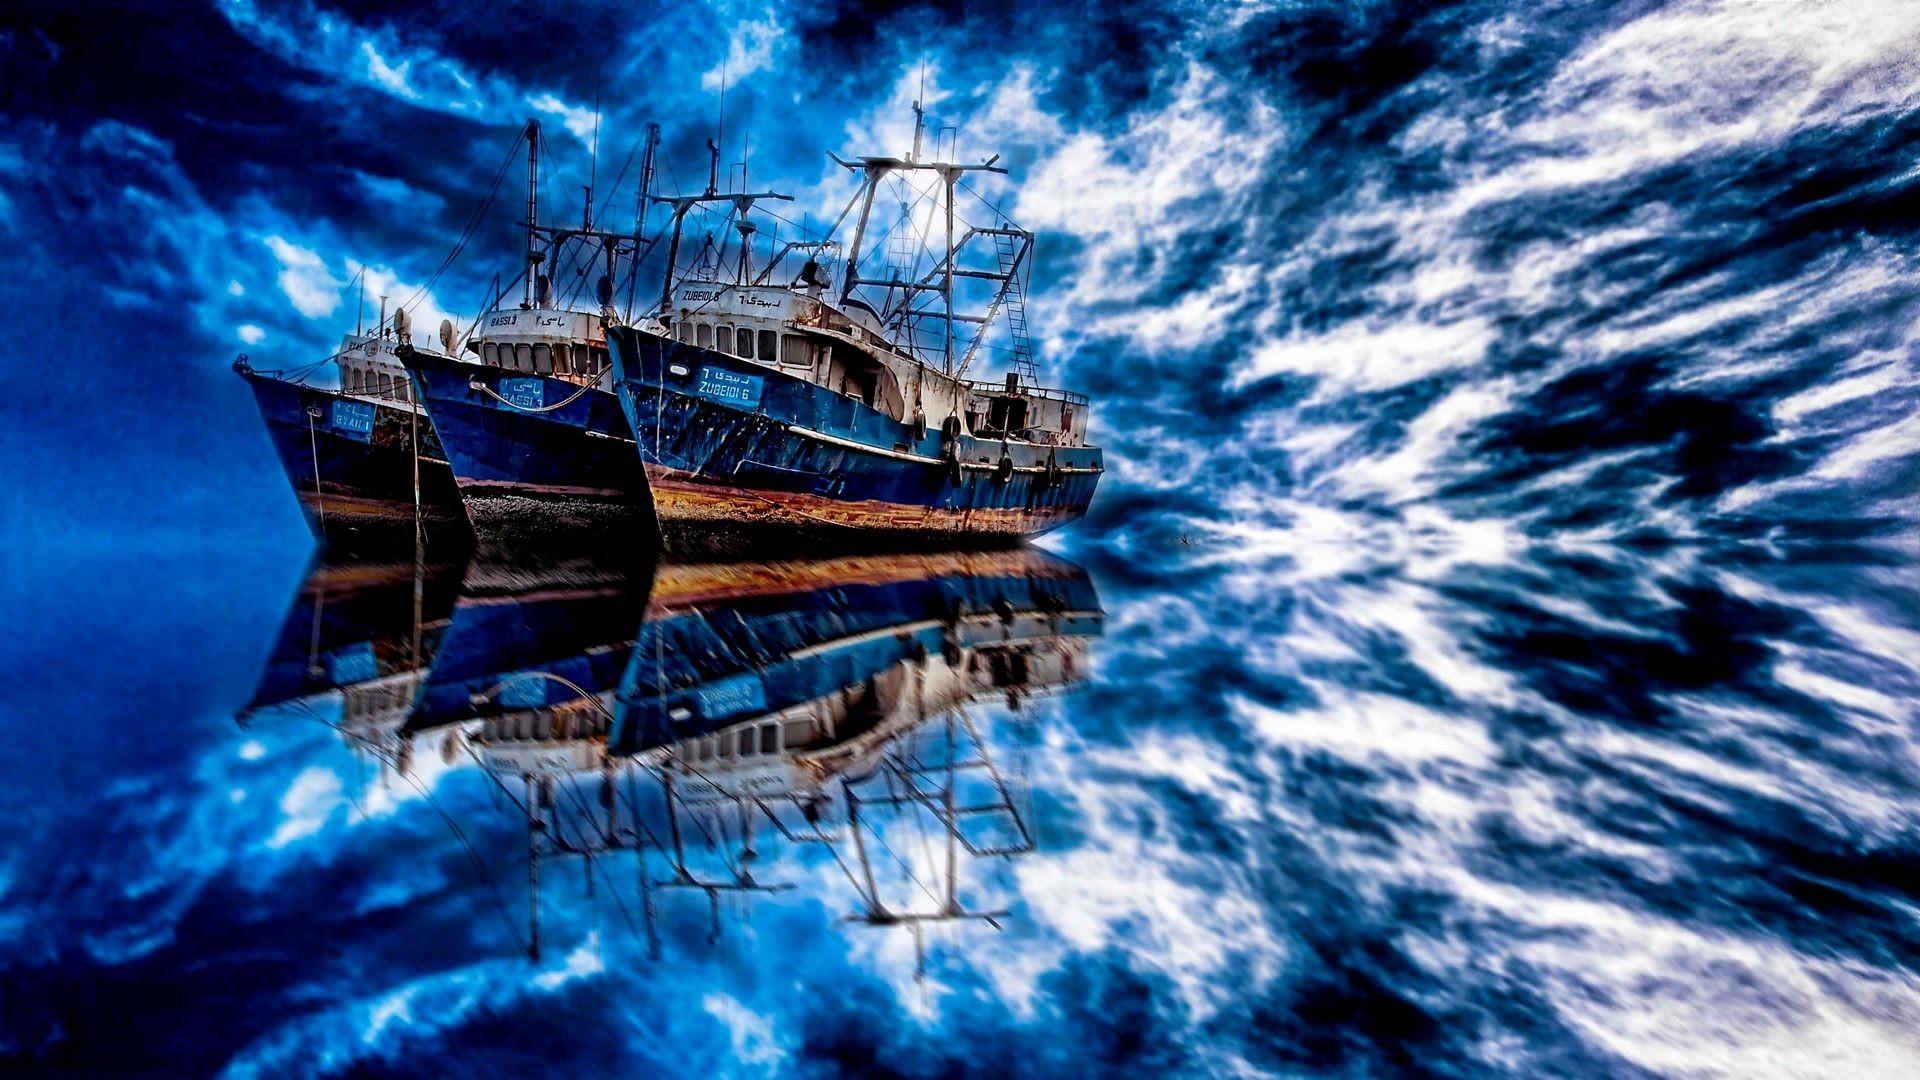 Fantasy Ship Wallpaper